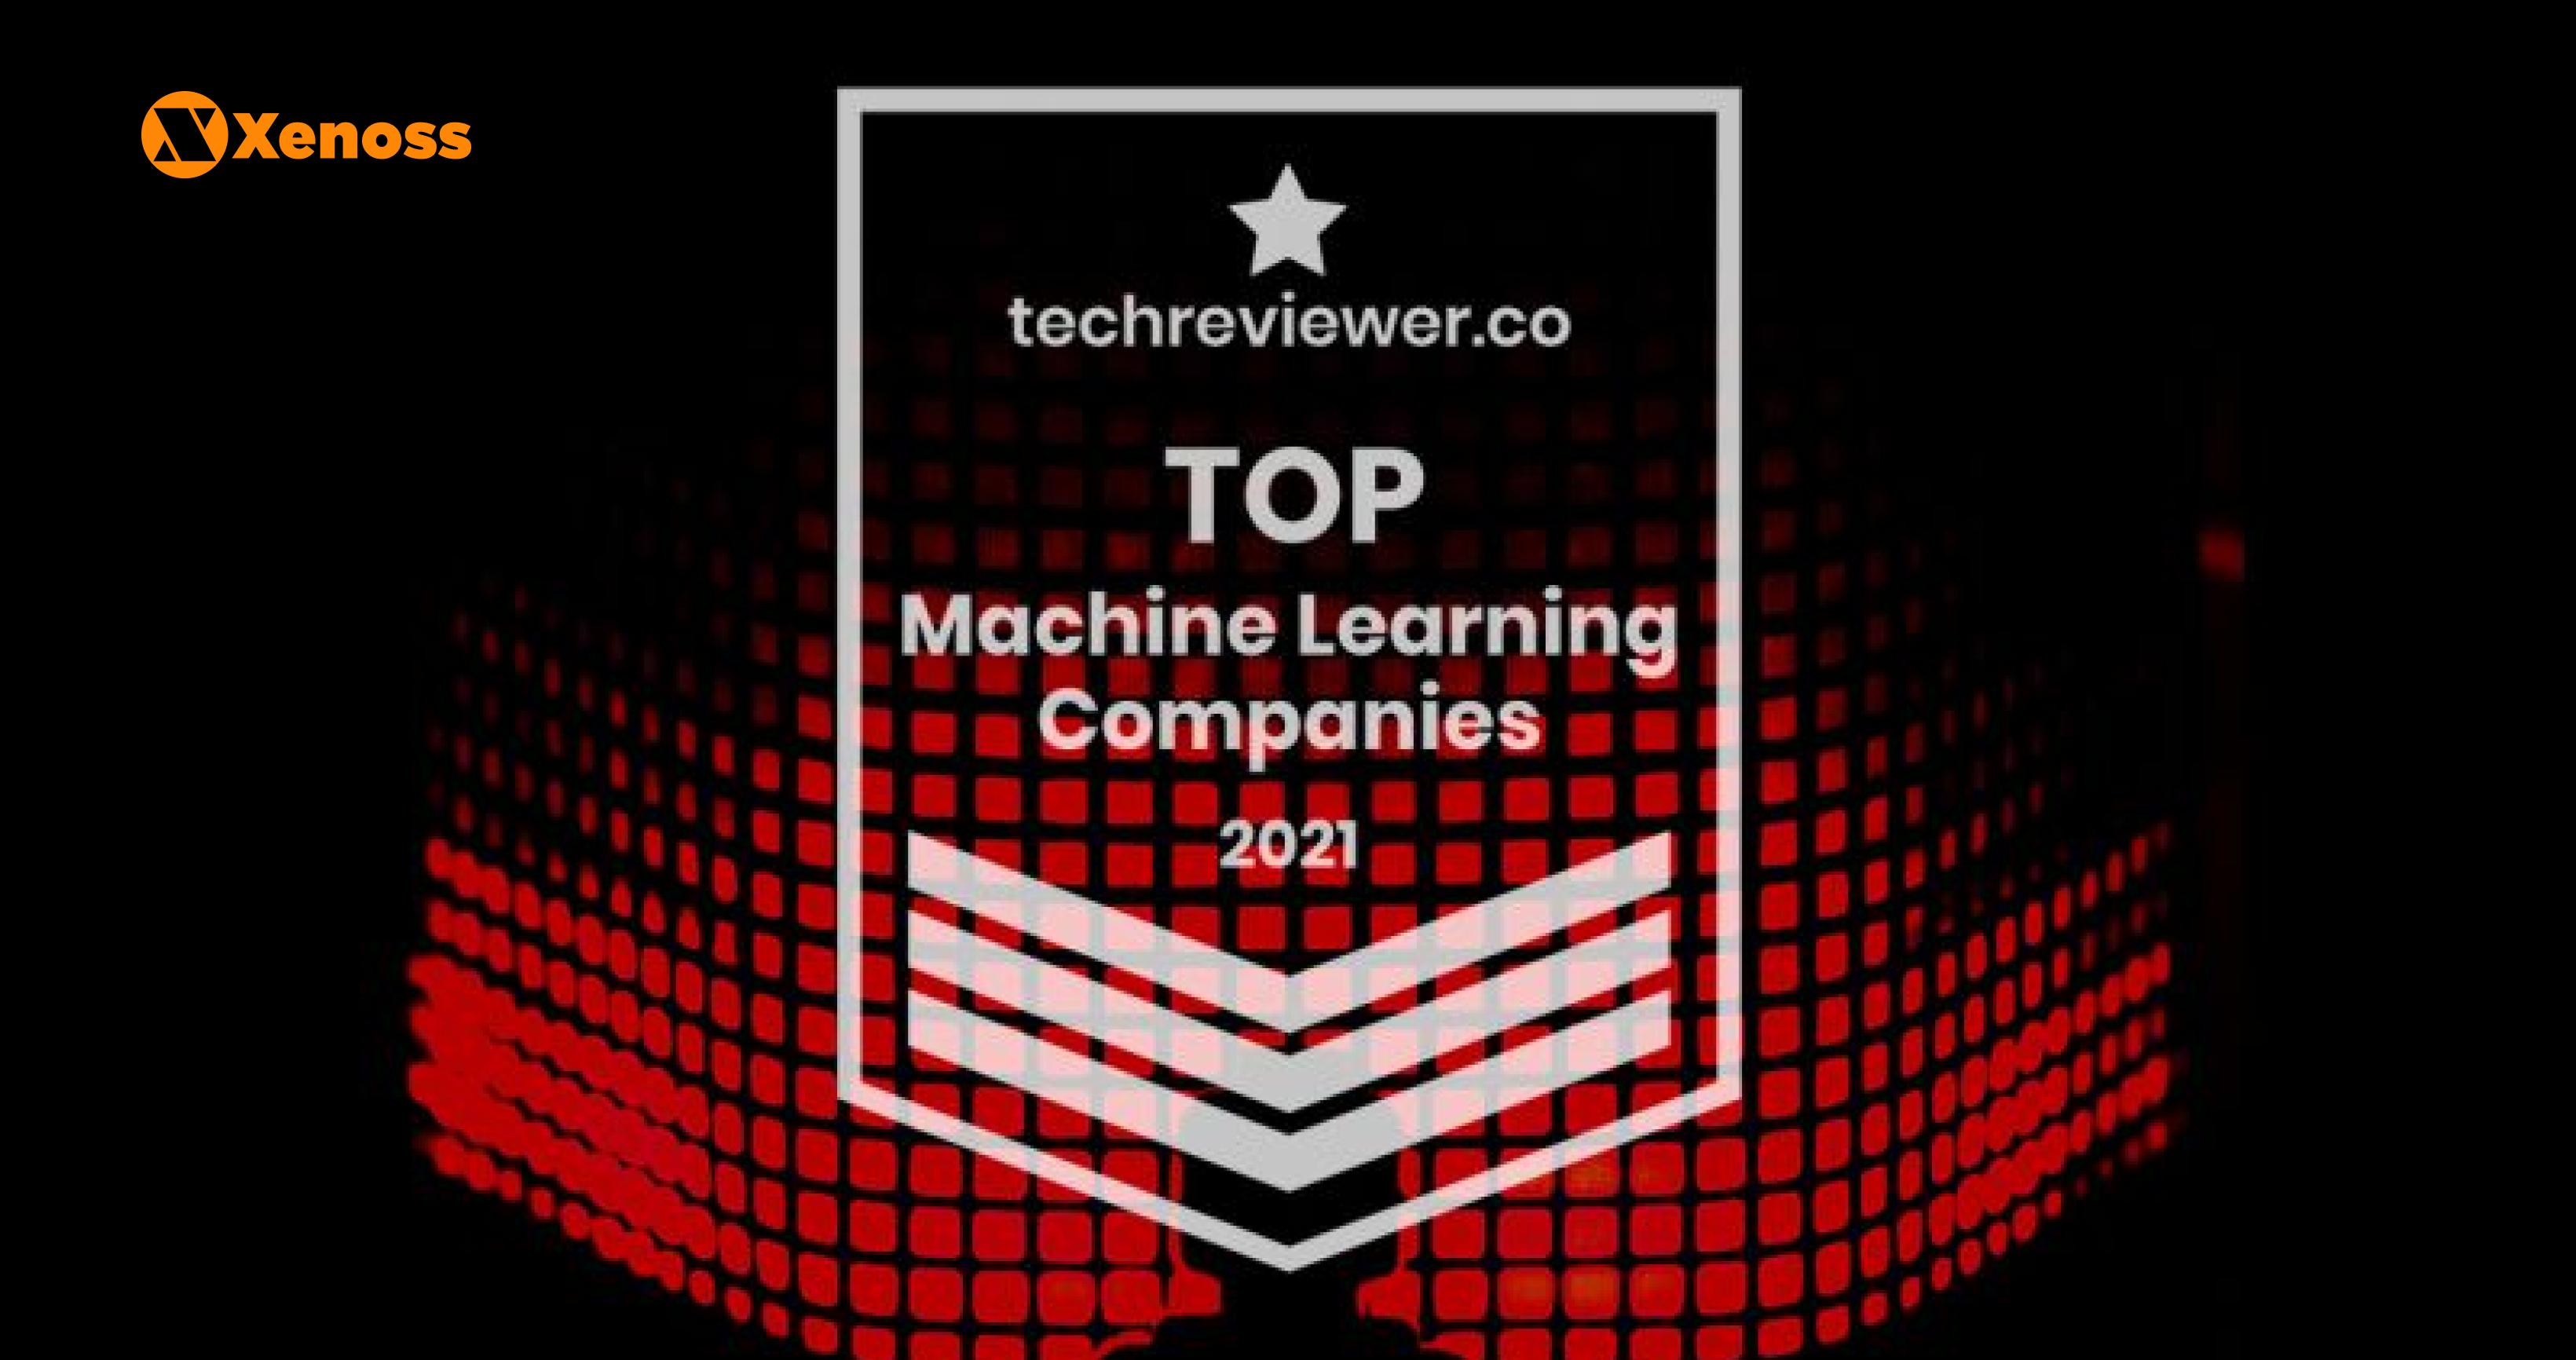 Xenoss Techreviewer award